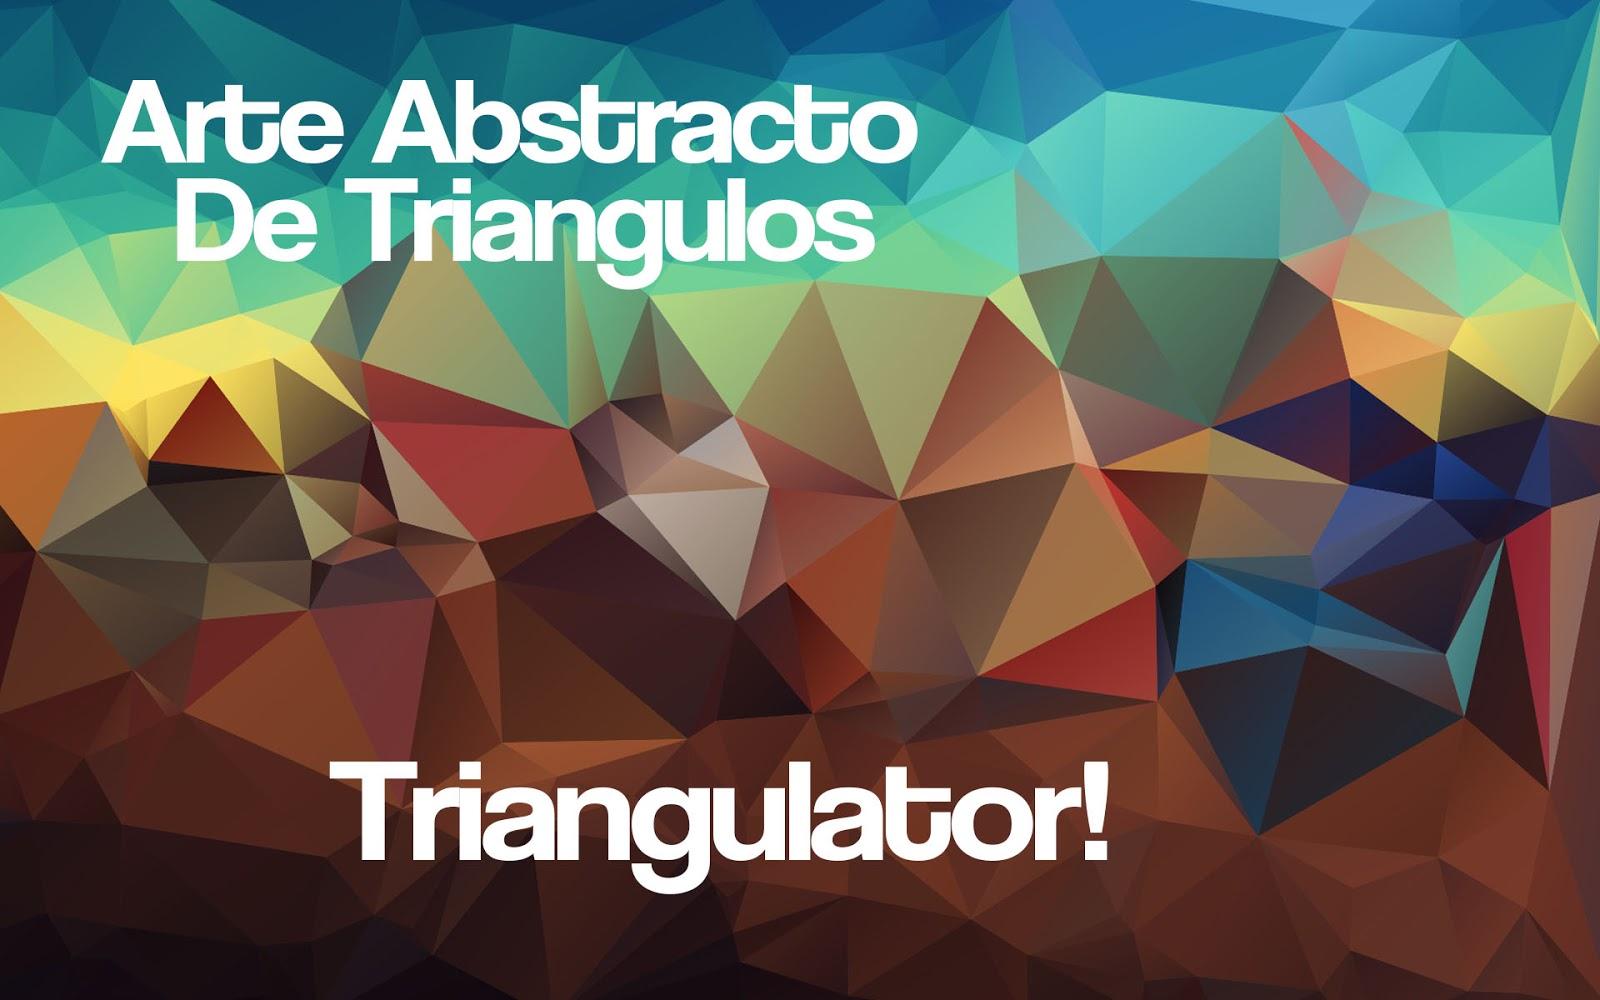 Fondos Abstractos de Triángulos